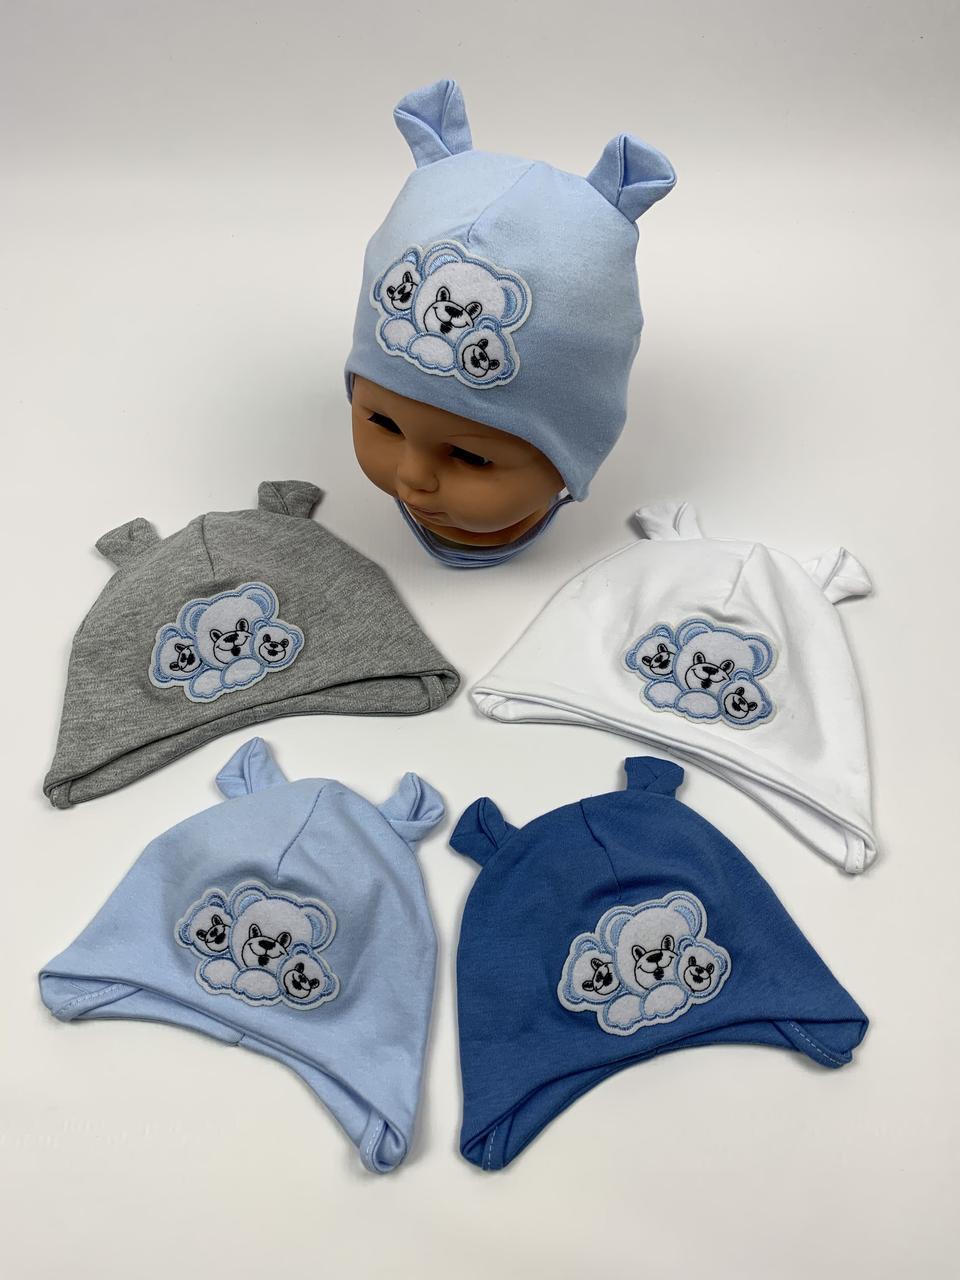 Детские польские демисезонные трикотажные шапки на завязках для мальчиков оптом, р.36-38 40-42, Ala Baby ab162